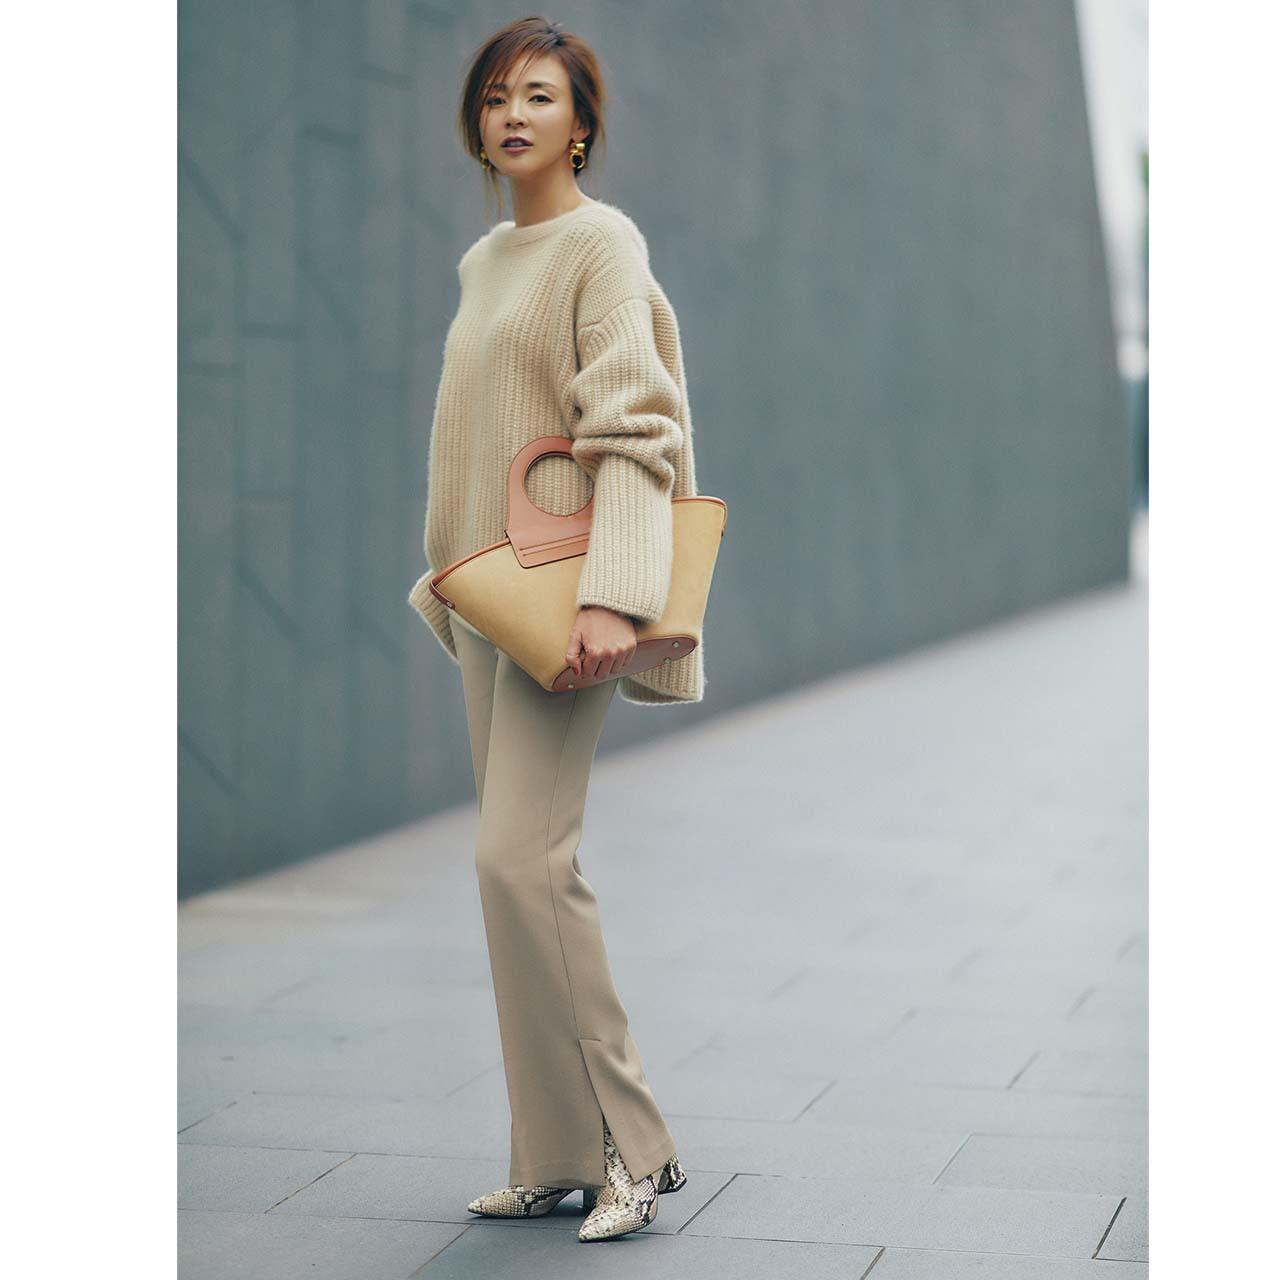 ニット×細身のフルレングパンツコーデを着たモデルのSHIHOさん